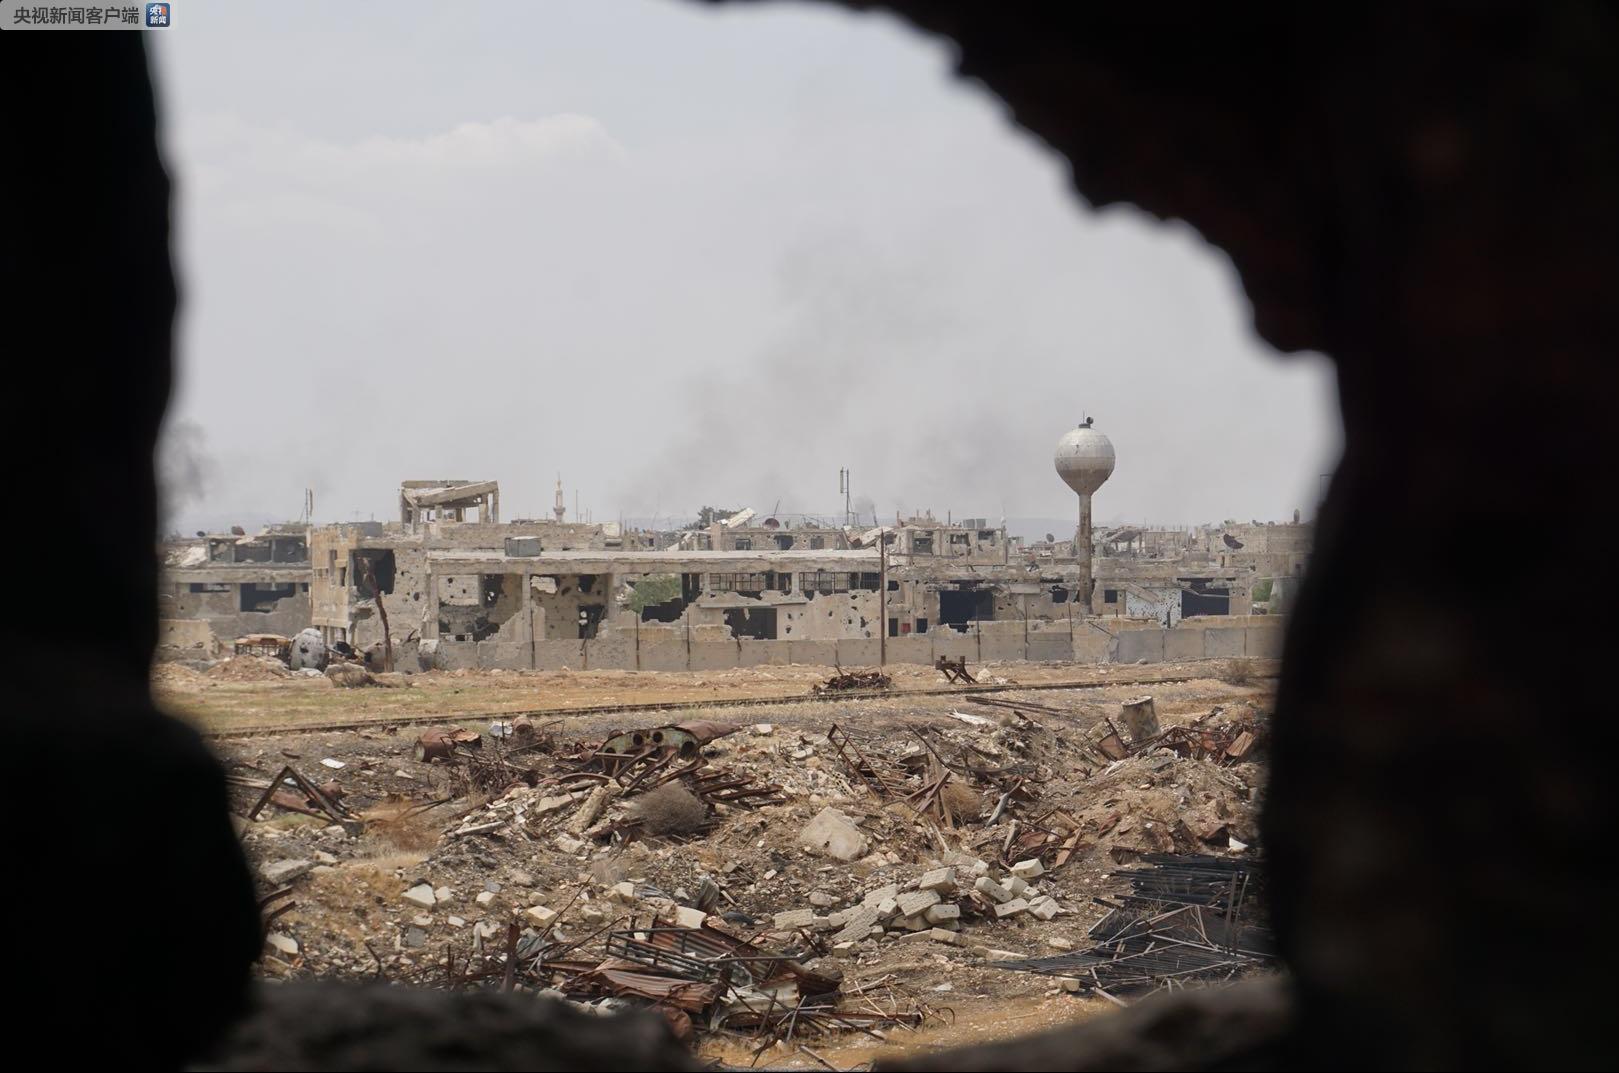 """叙媒称""""多处叙军事目标""""遭袭 部分地区传出巨大爆炸声"""